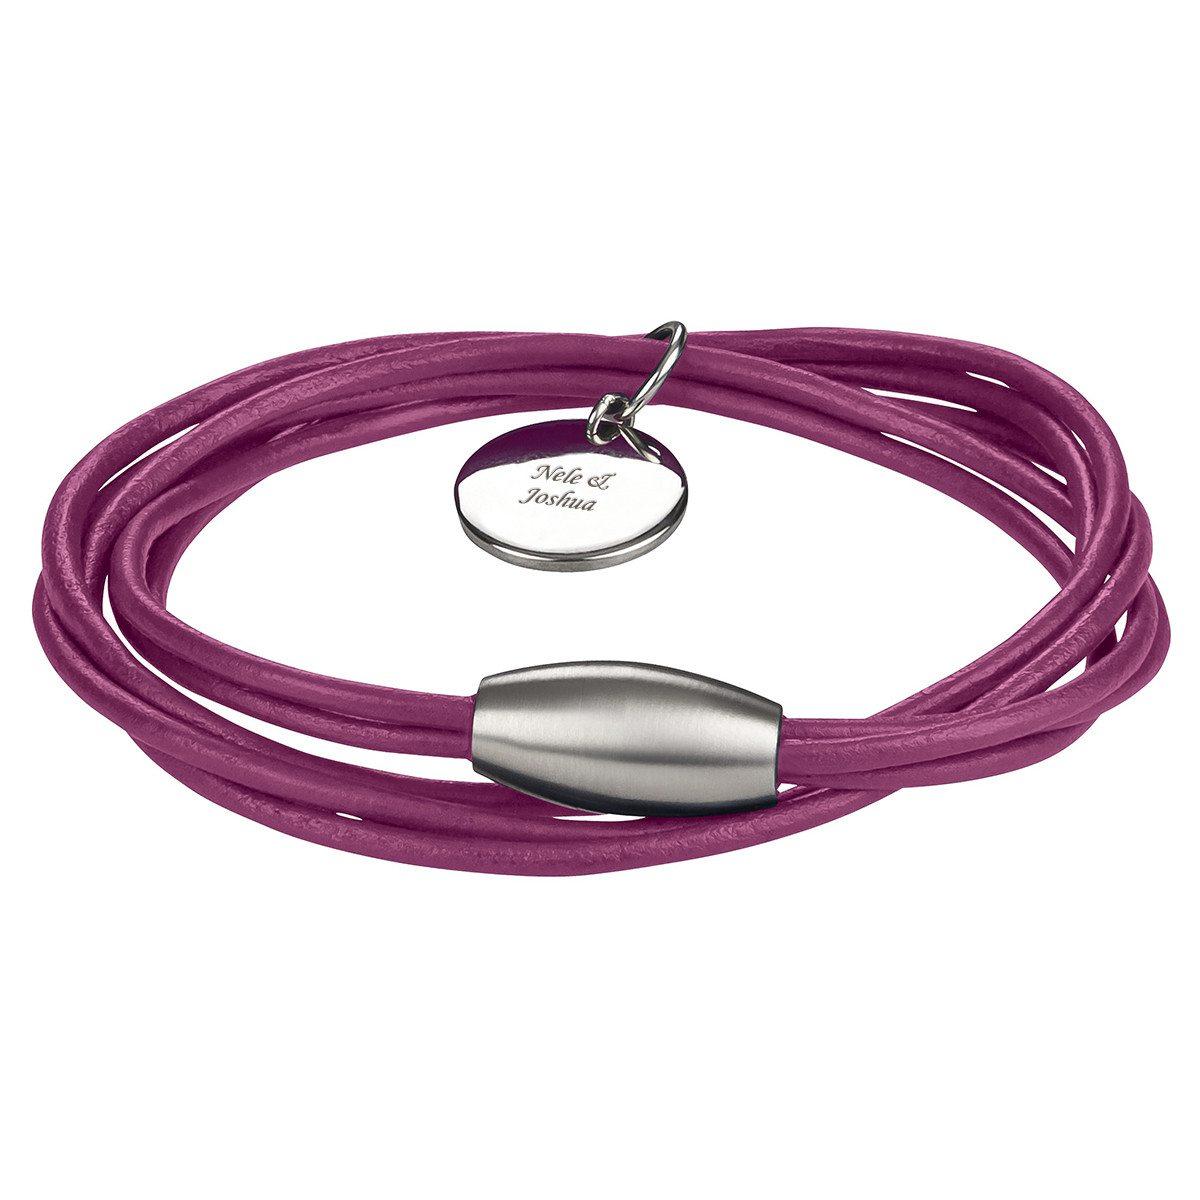 Ziegenleder-Armband mit Gravur